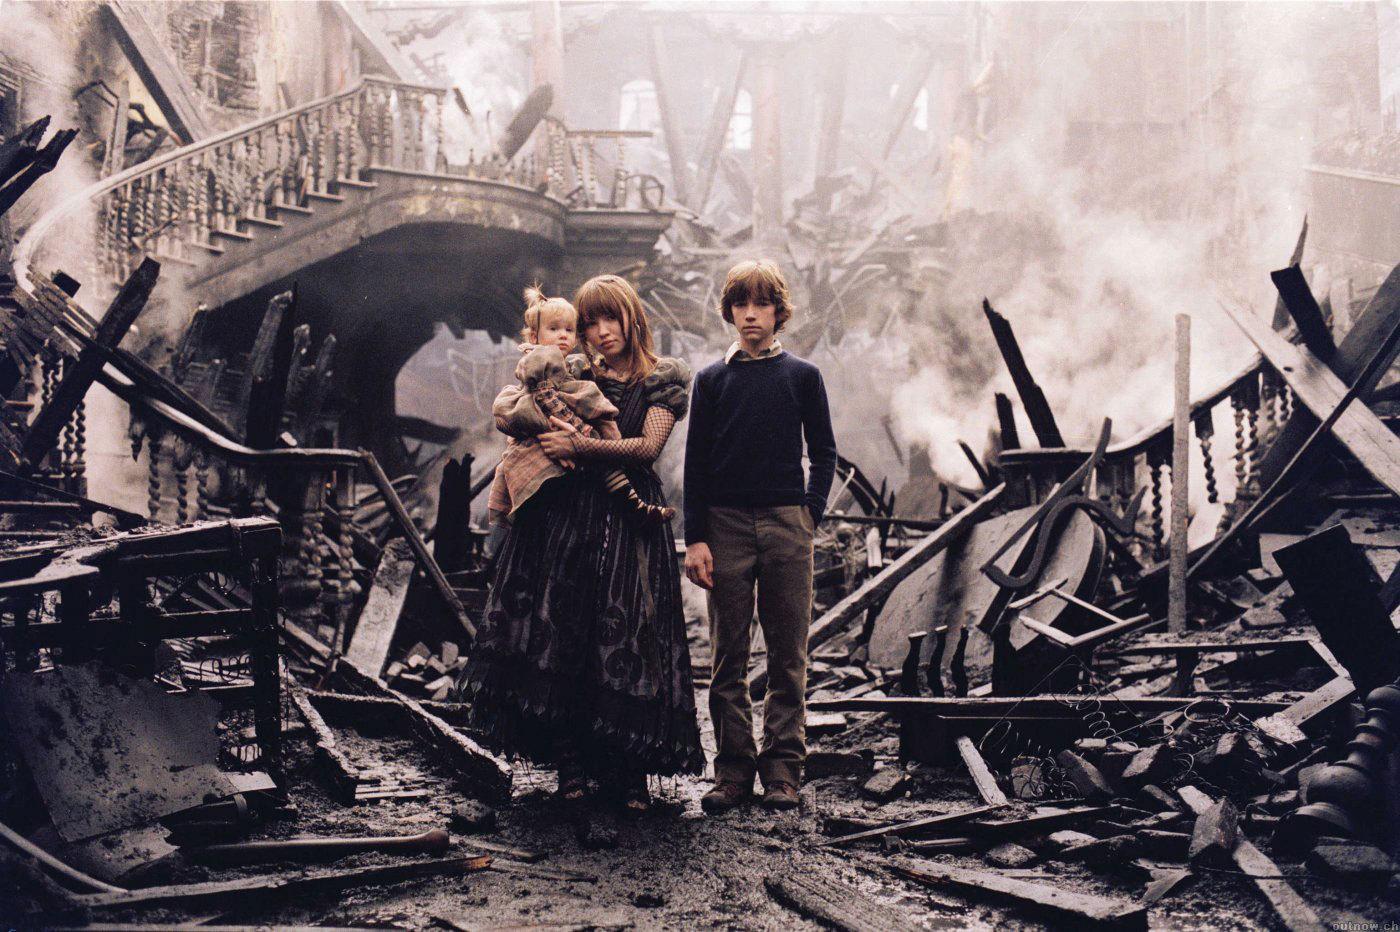 incendio-casa-baudlaire-film-2004